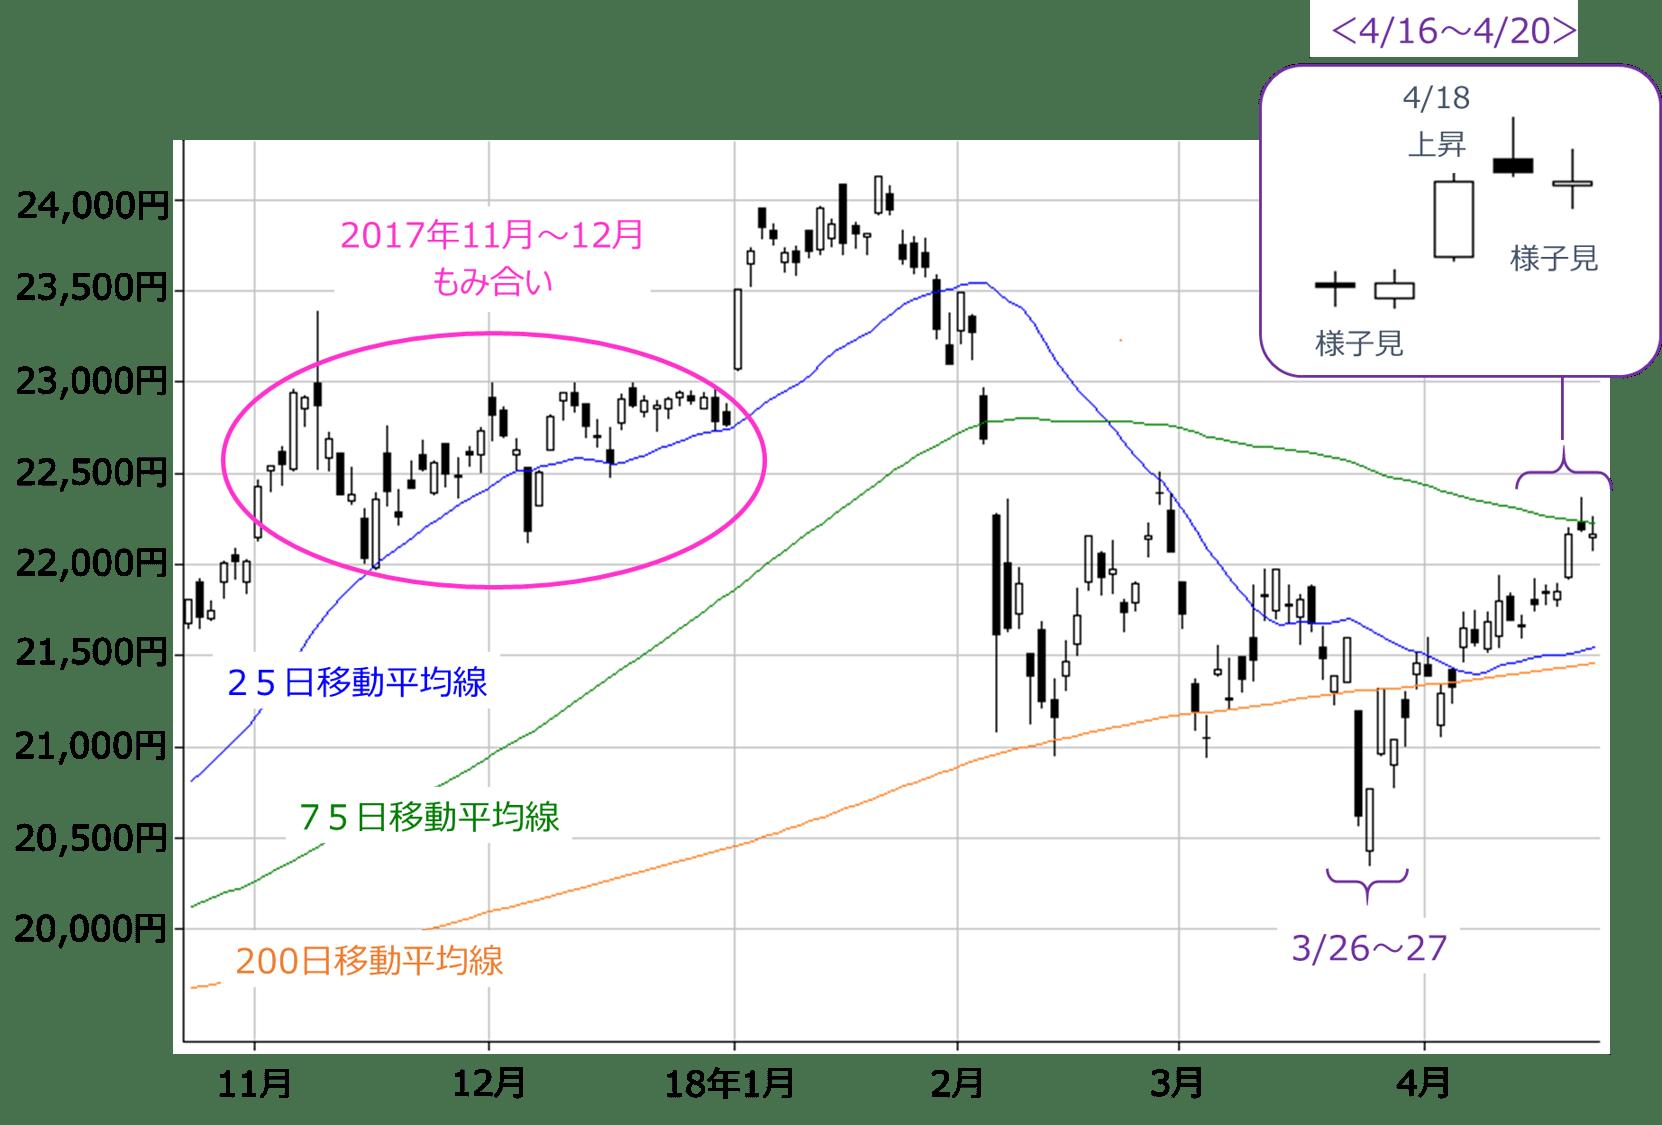 日経平均が「頭ひとつリード」の障害物競争。今後の国内株市場のレース展開は?